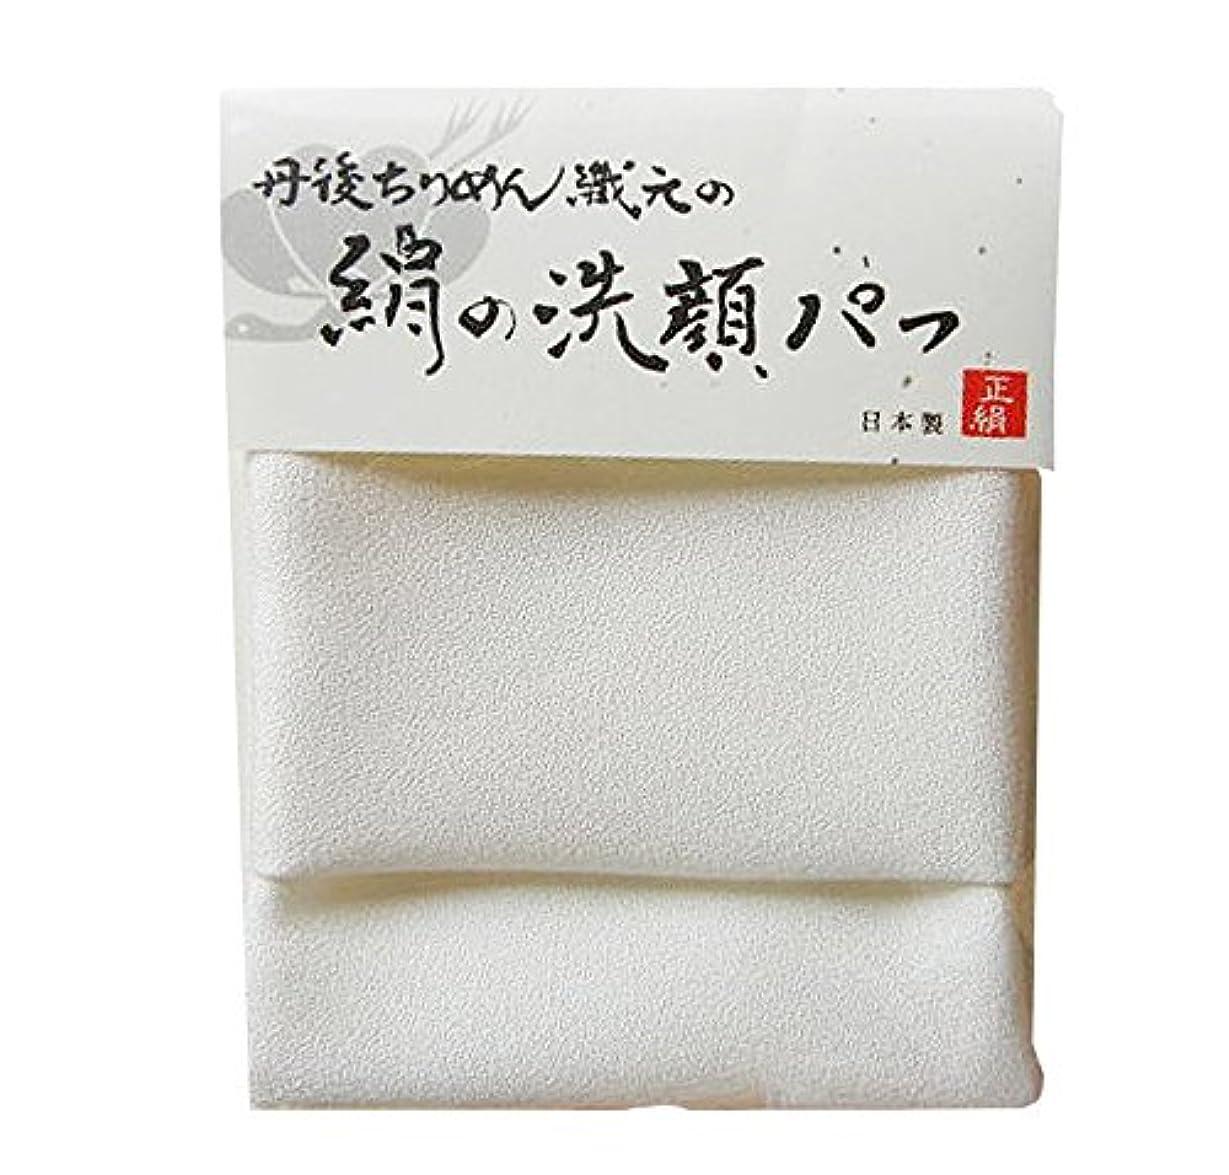 検体フォロー木曜日【NHKイッピンで紹介!】丹後ちりめん織元の絹の洗顔パフ